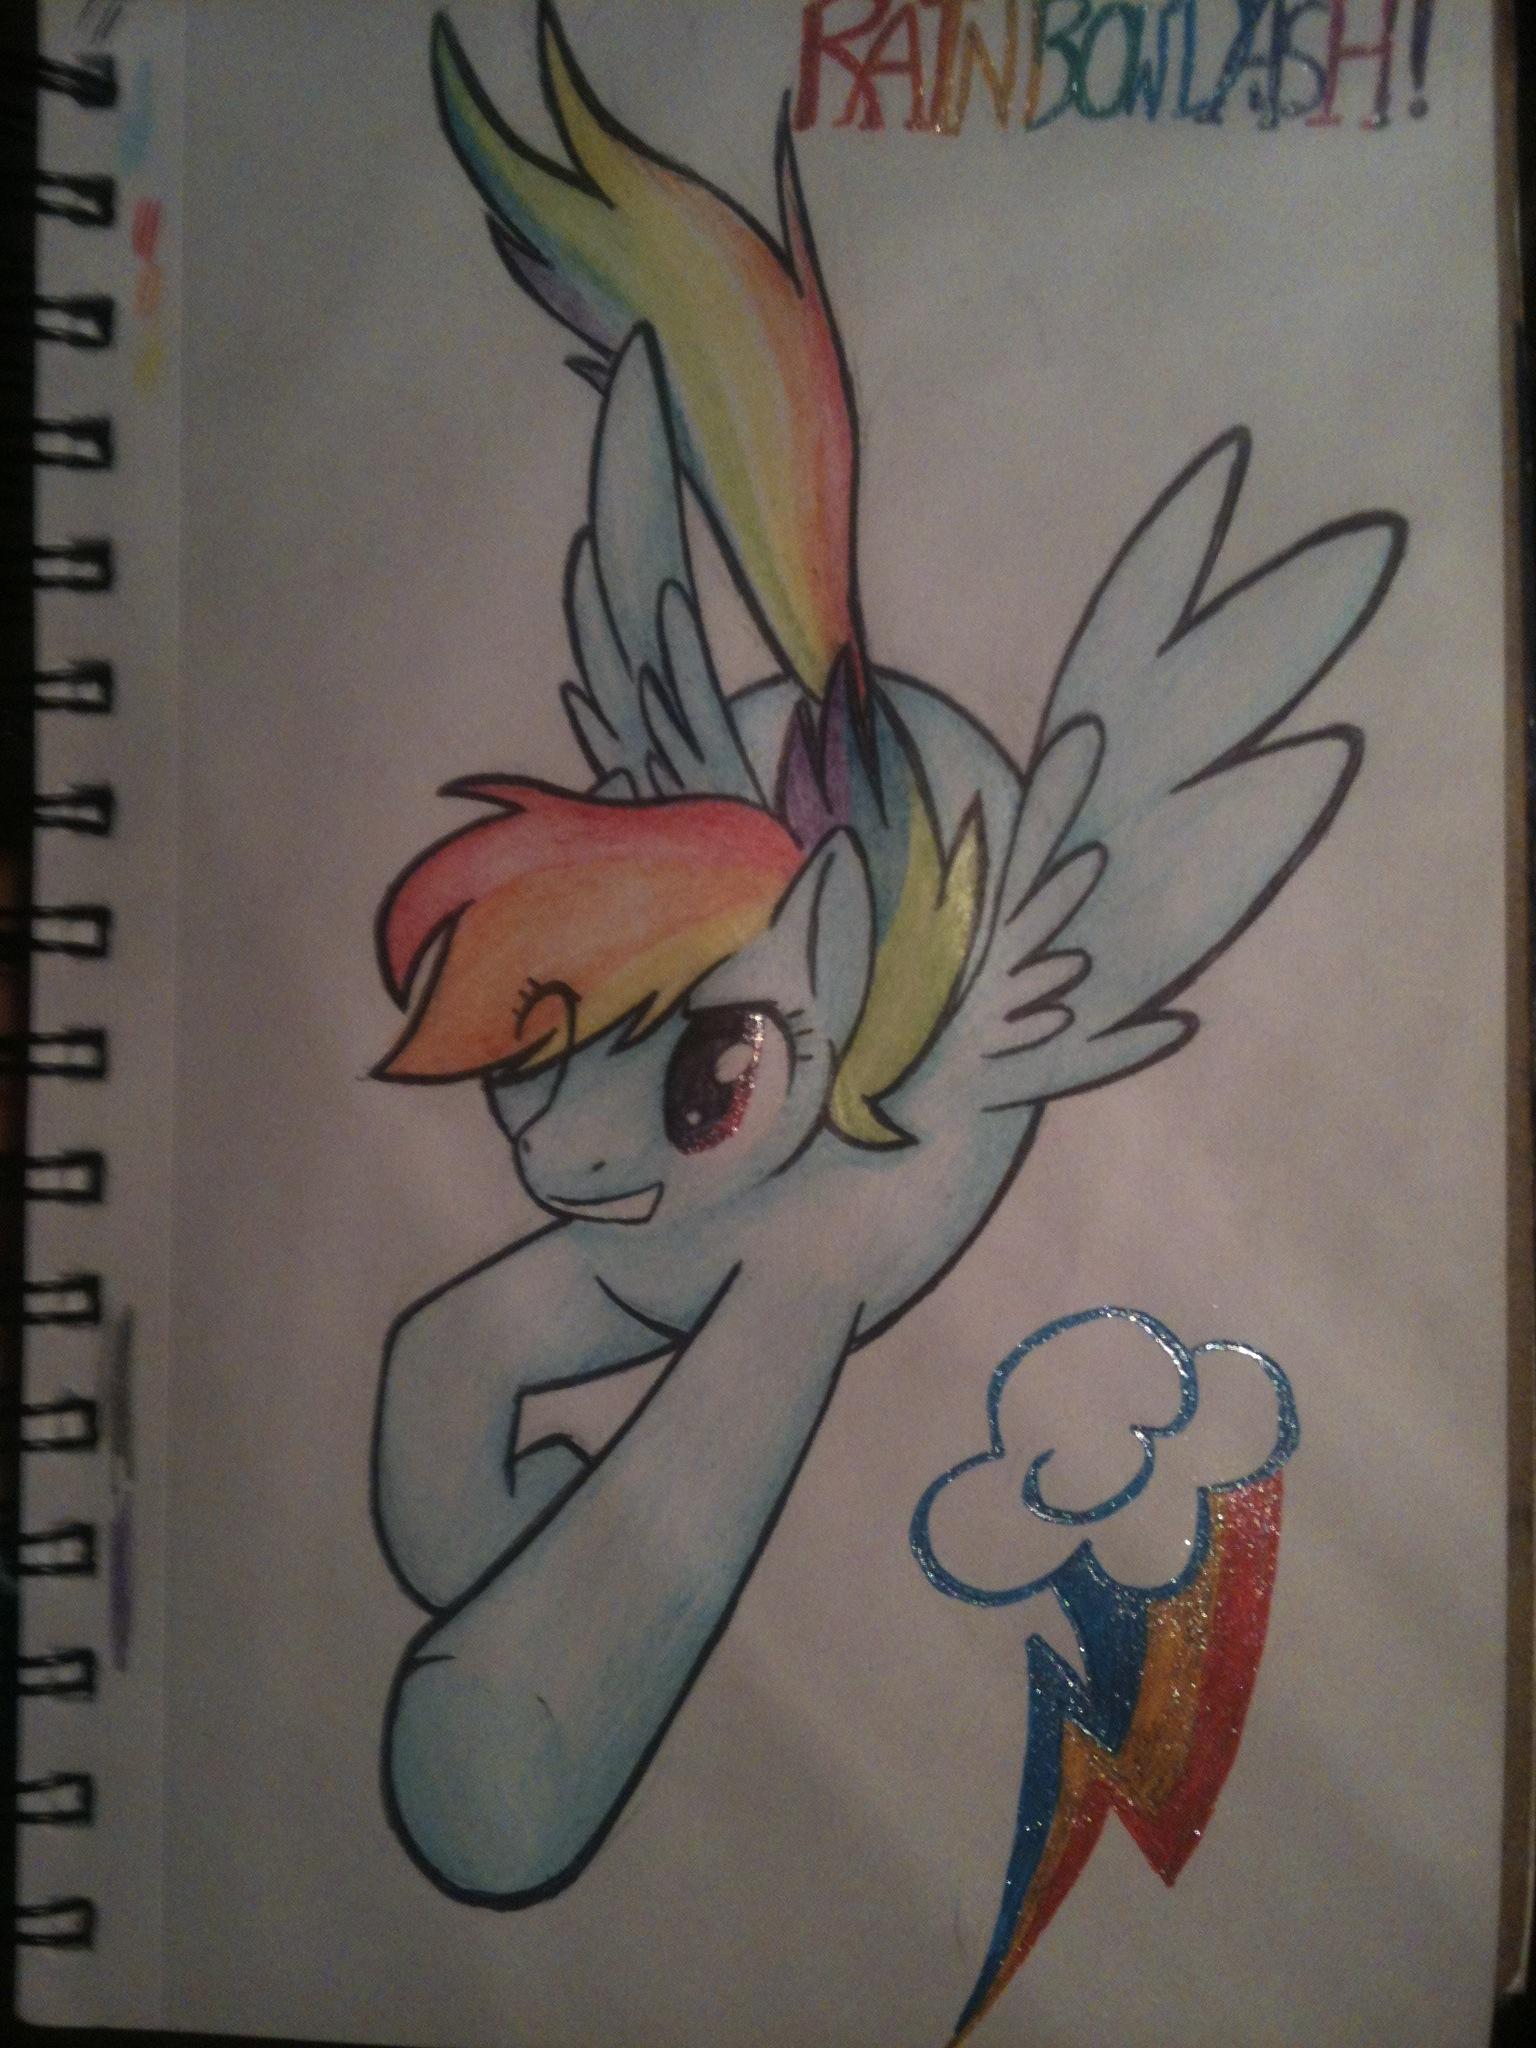 Rainbowdashhhh by XspottedclawX